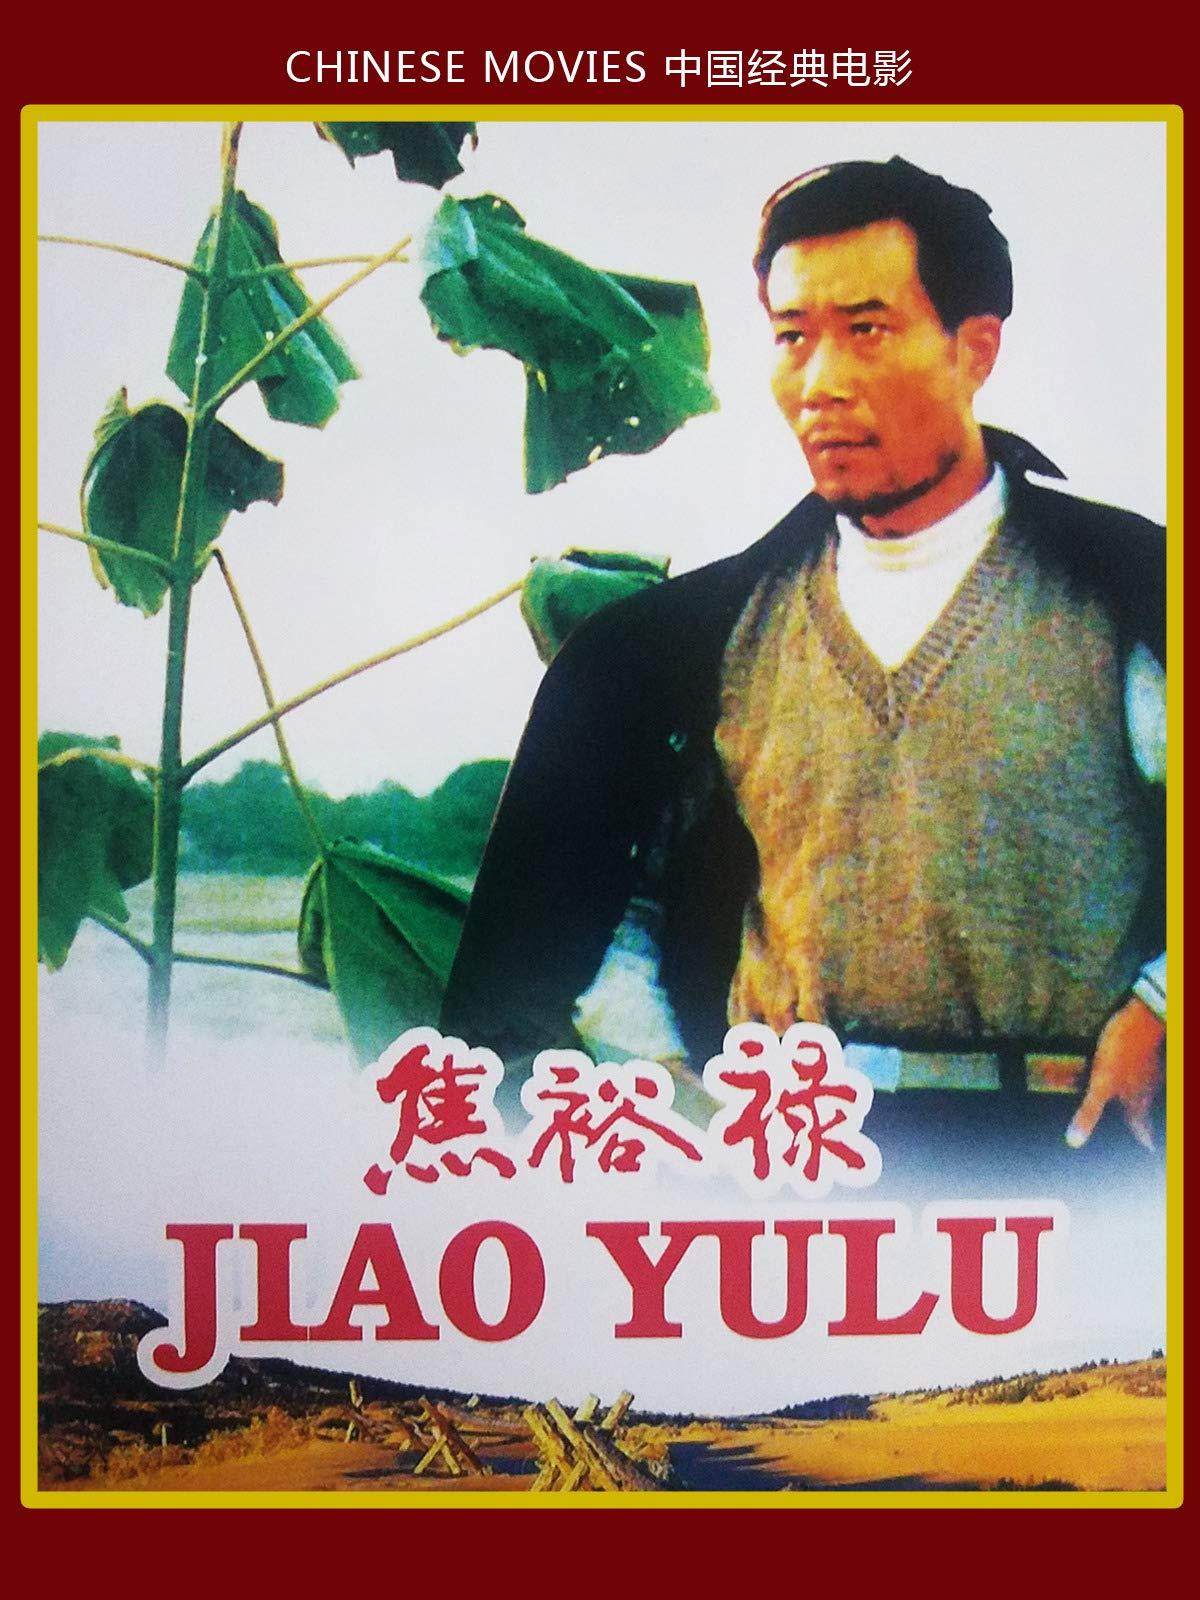 Chinese movies-Jiao Yulu